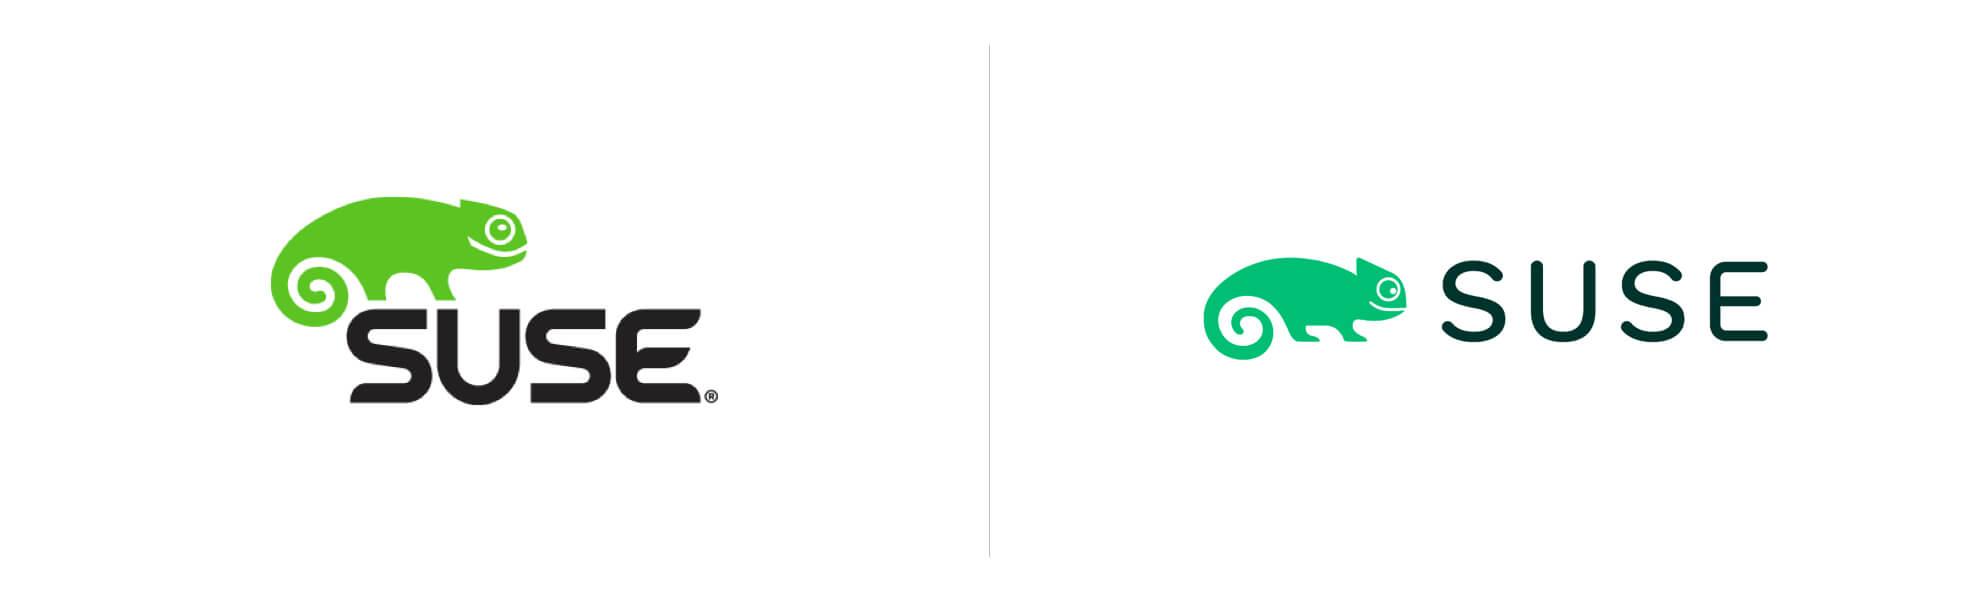 suse znowym logo